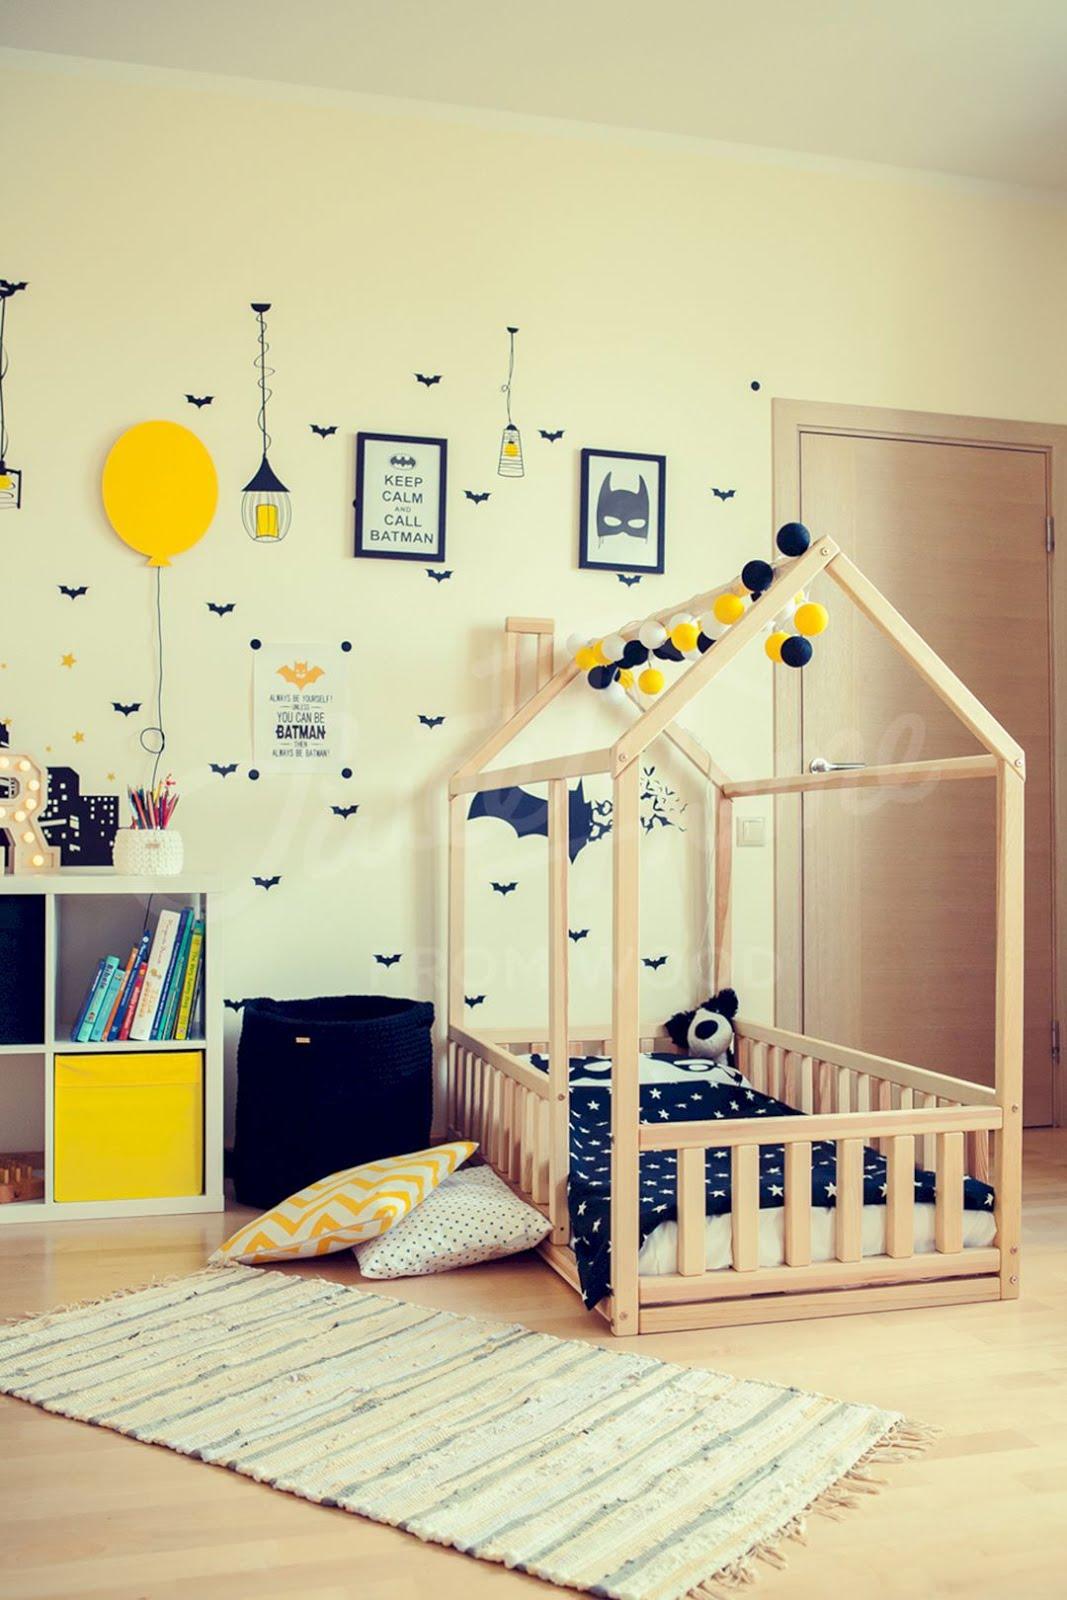 Quarto Montessoriano M Veis E Objetos Decorativos Decorsalteado ~ Quarto De Bebê Montessoriano E Quarto Para Adolescentes